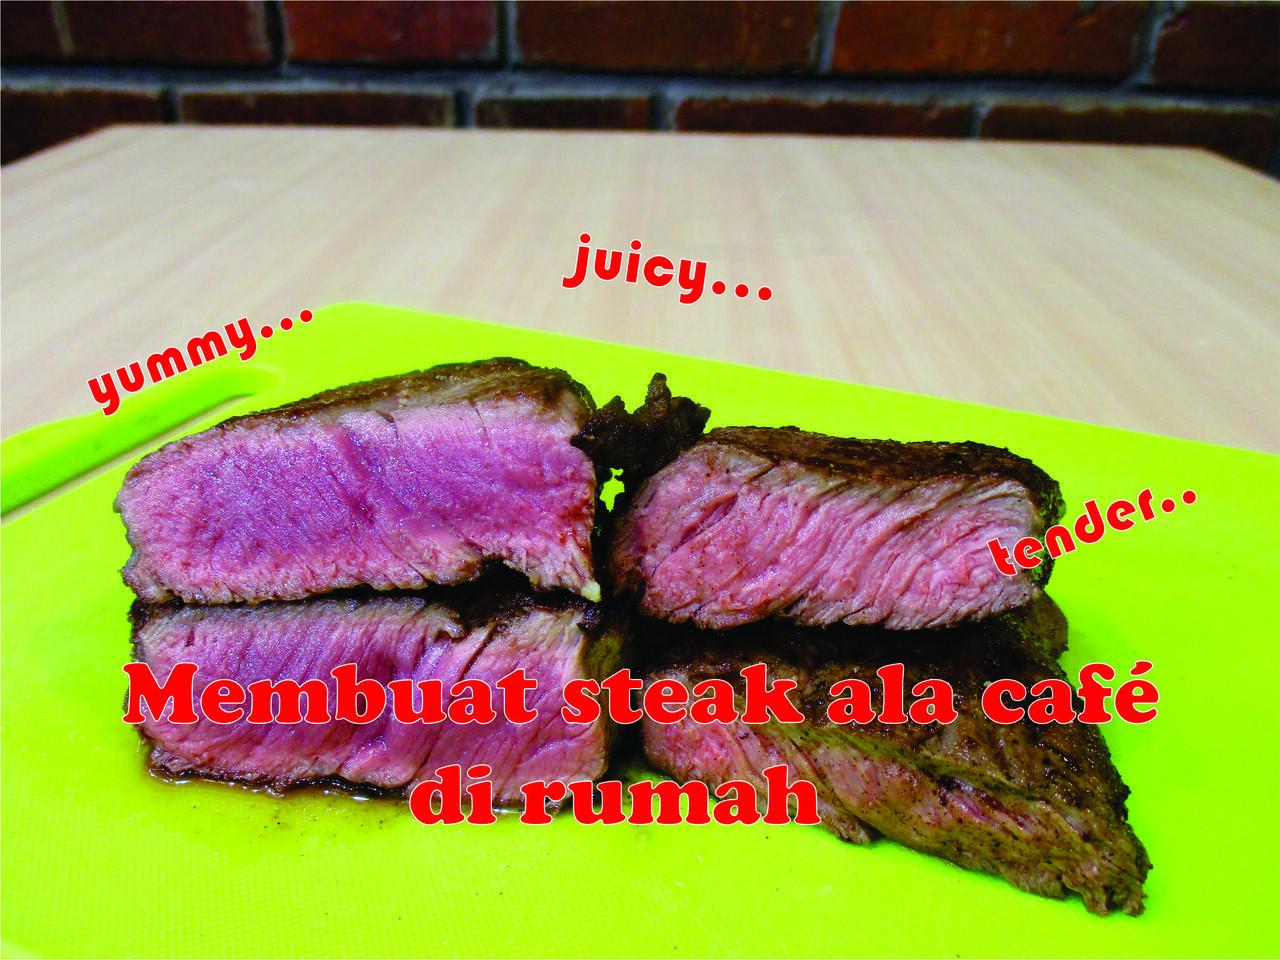 makan sama gebetan, bikin steak sendiri biar lebih romantis gan.